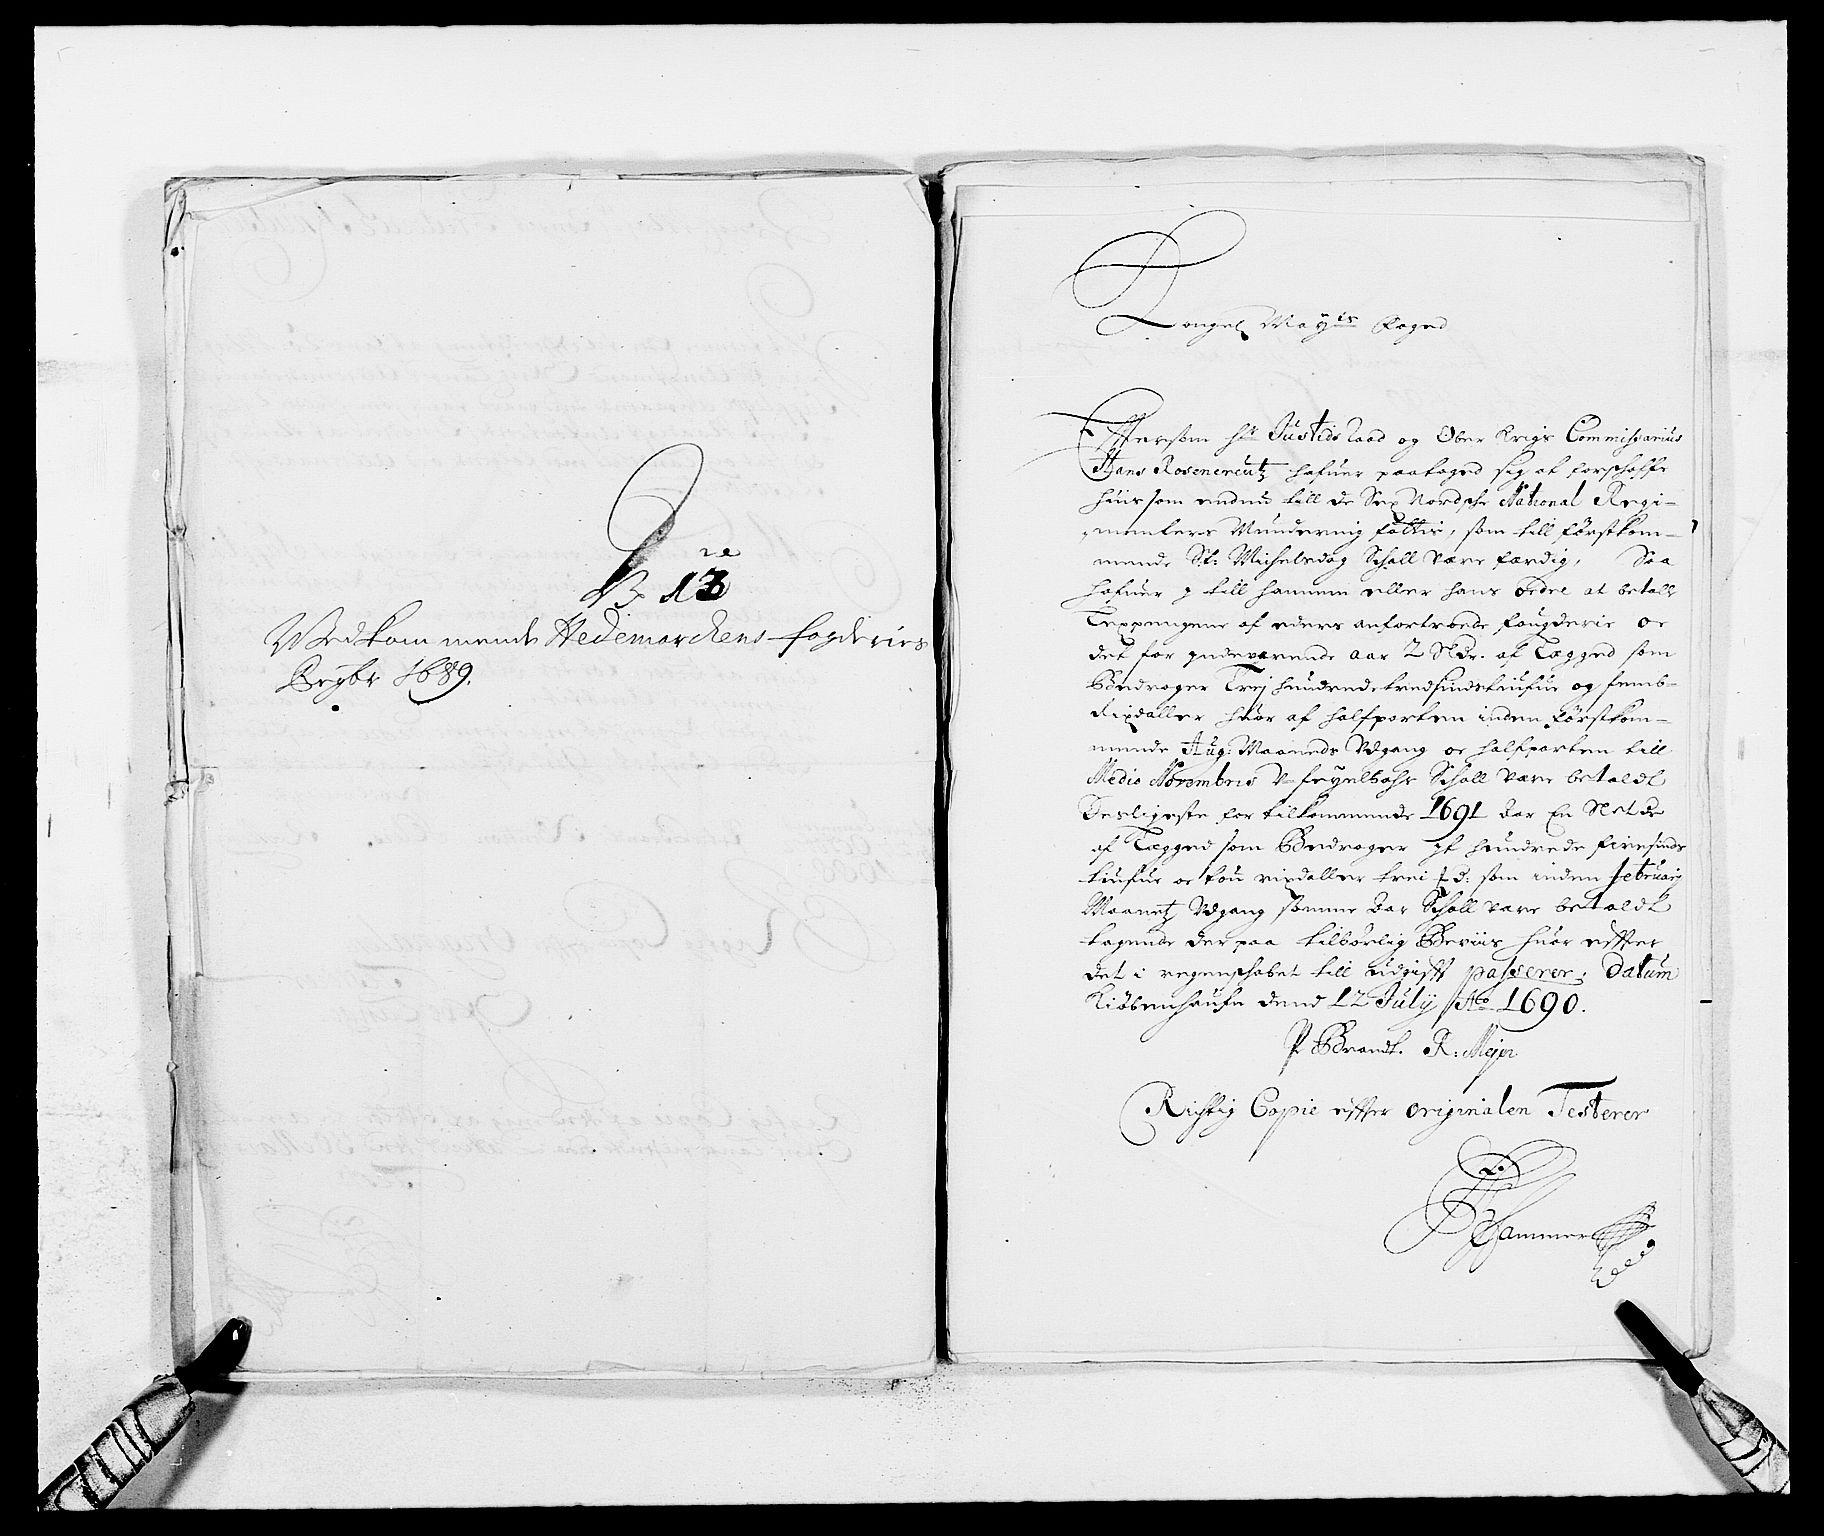 RA, Rentekammeret inntil 1814, Reviderte regnskaper, Fogderegnskap, R16/L1031: Fogderegnskap Hedmark, 1689-1692, s. 217